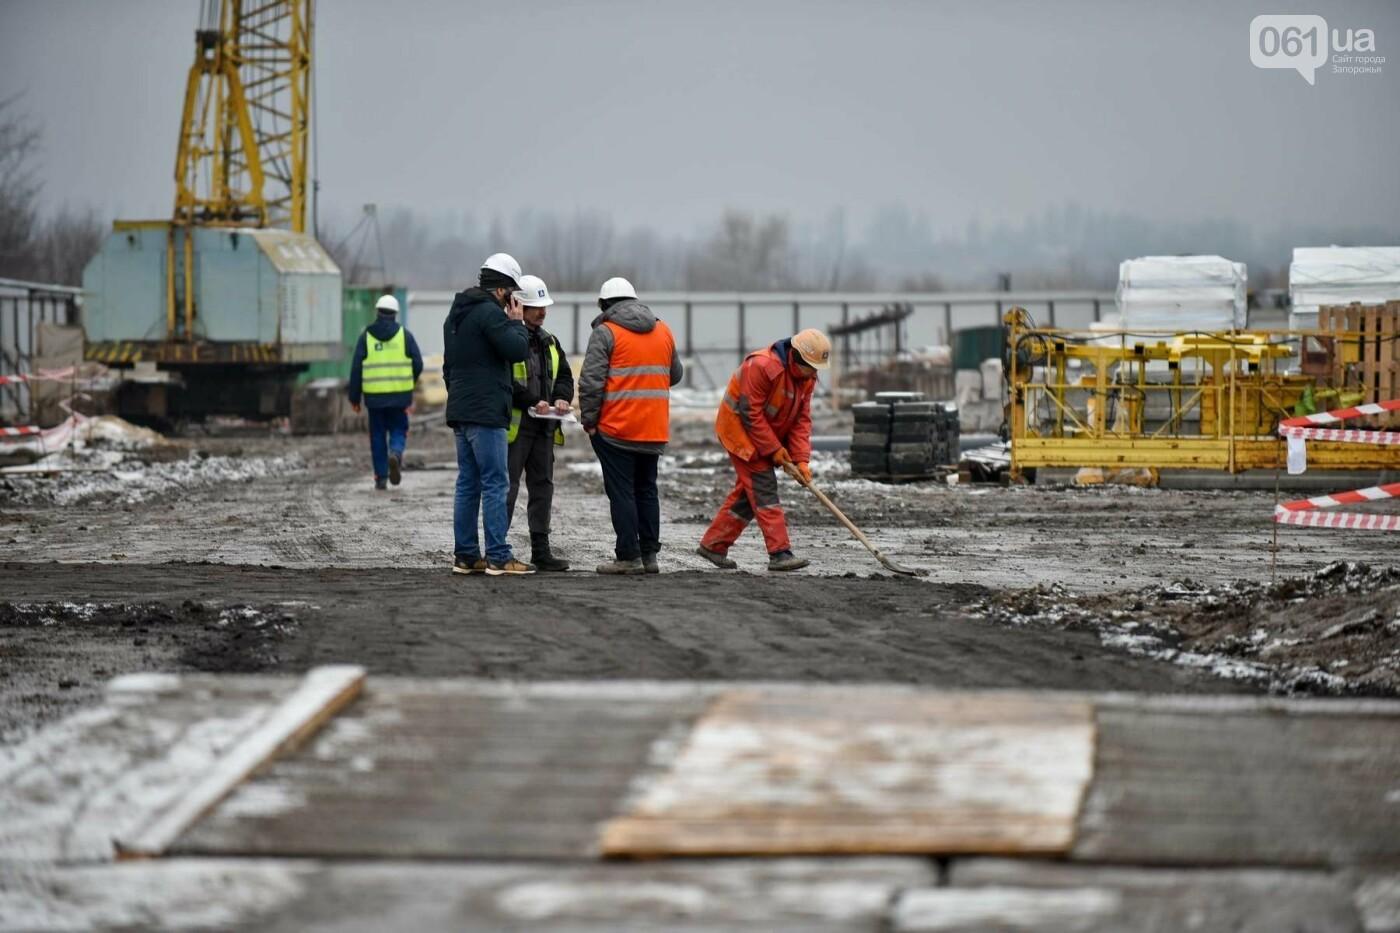 Запорожский аэропорт возьмет кредит на строительство терминала и прогнозирует увеличение пассажиропотока до одного миллиона, — ФОТОРЕПОРТАЖ, фото-17